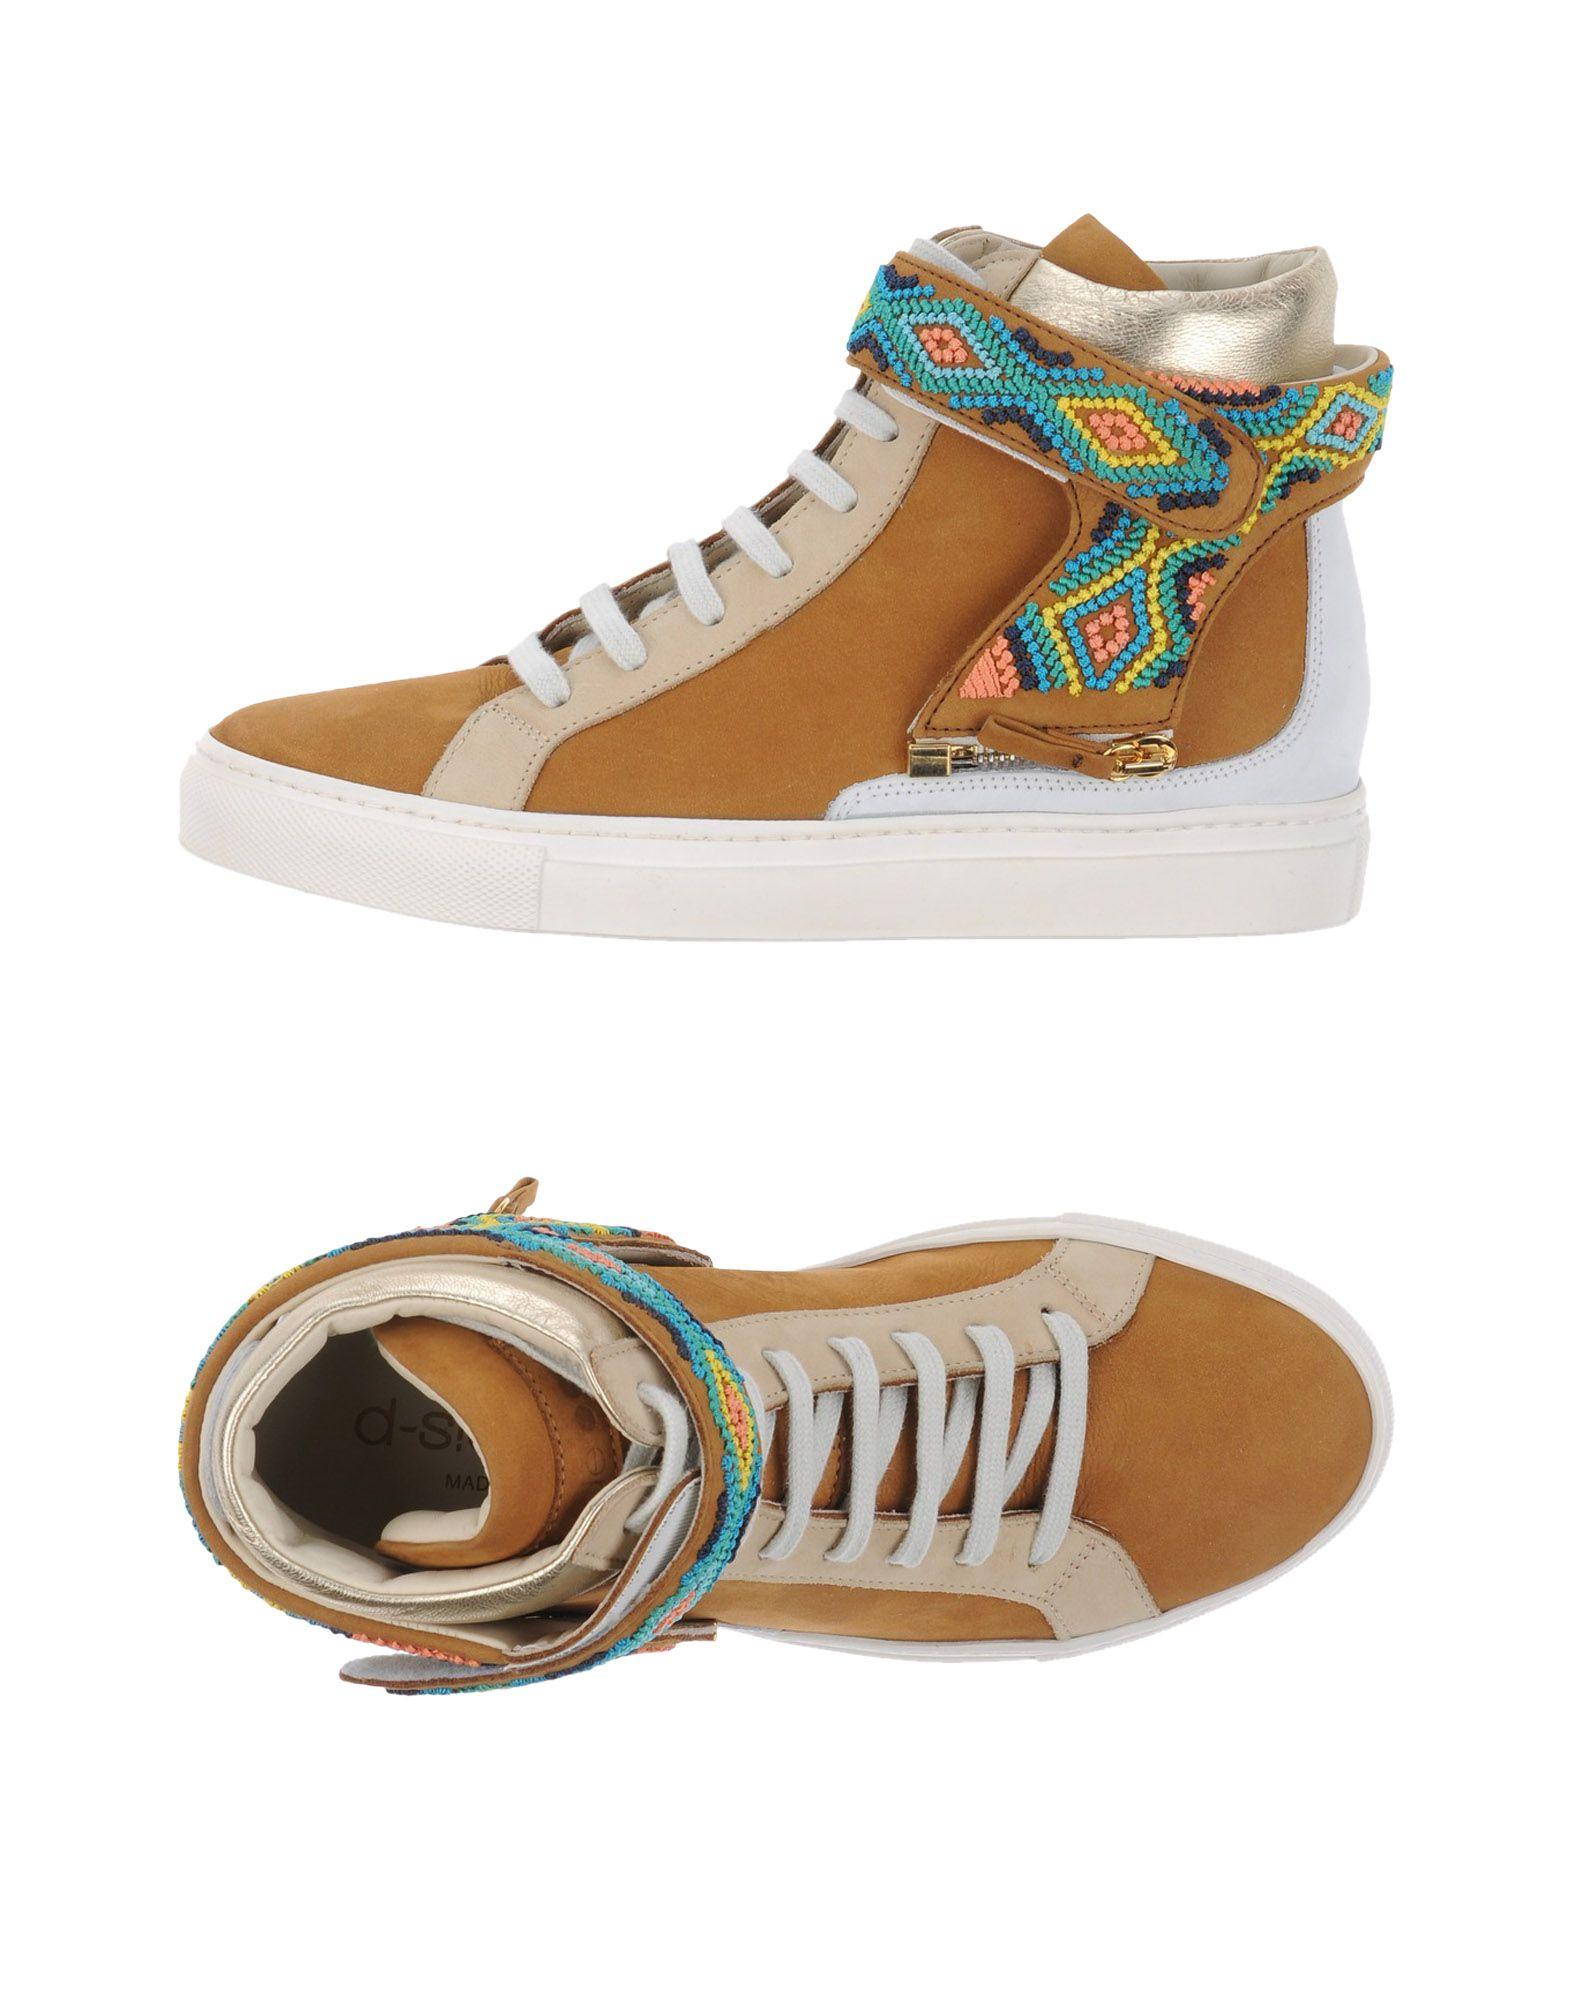 d-s!de baskets - - - femmes d-s!de chaussures en ligne le royaume - uni - dp 2d2120